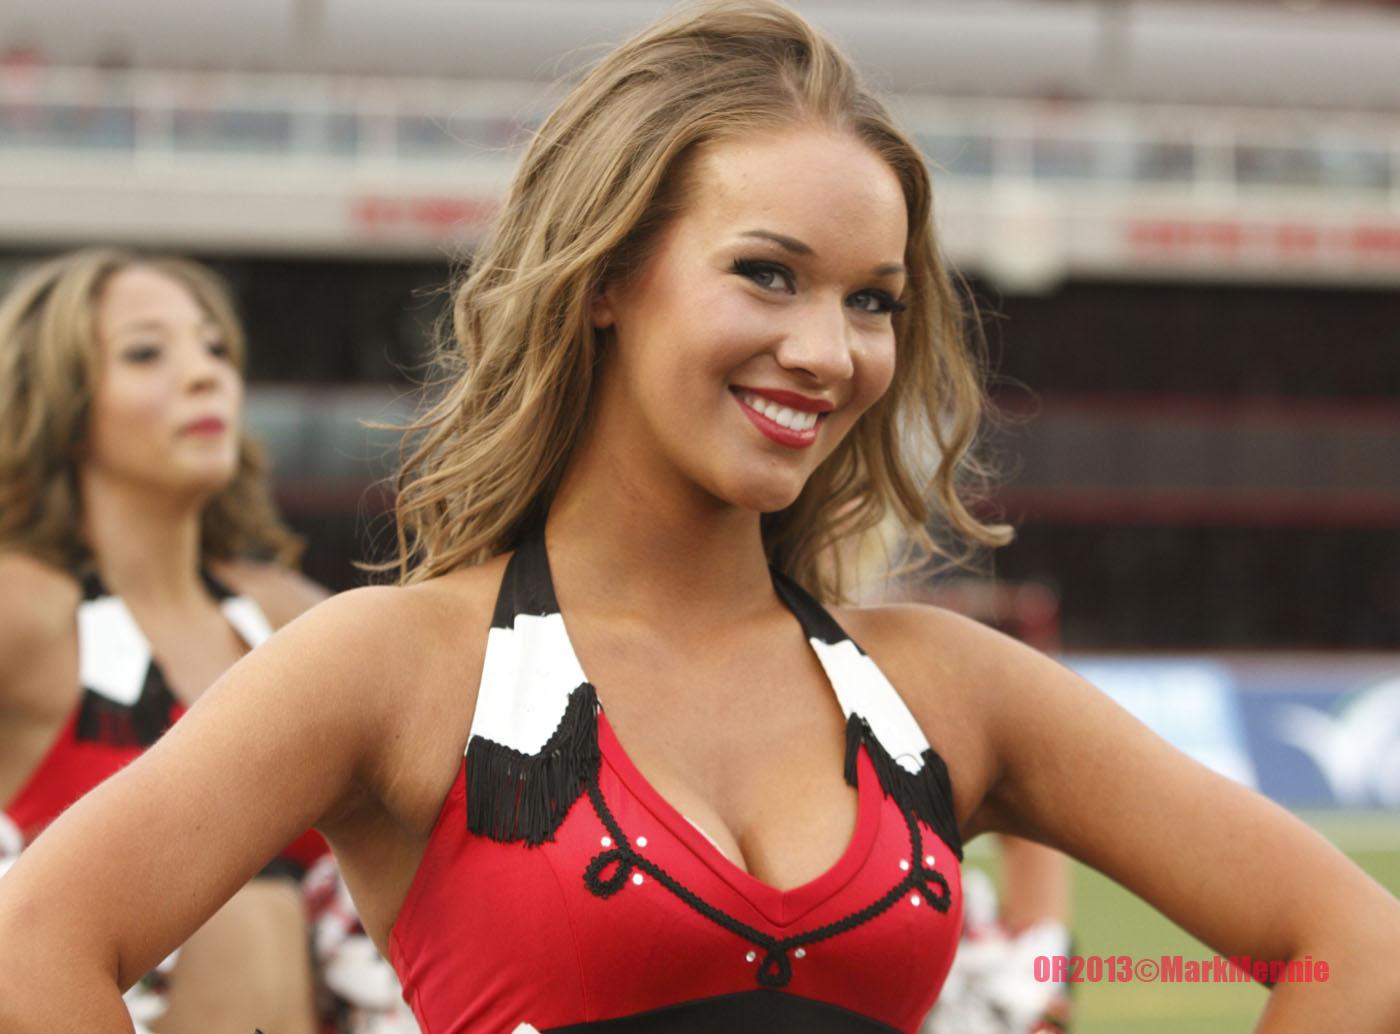 Pro Cheerleader Heaven Is Calgary Stampeders Cheerleader